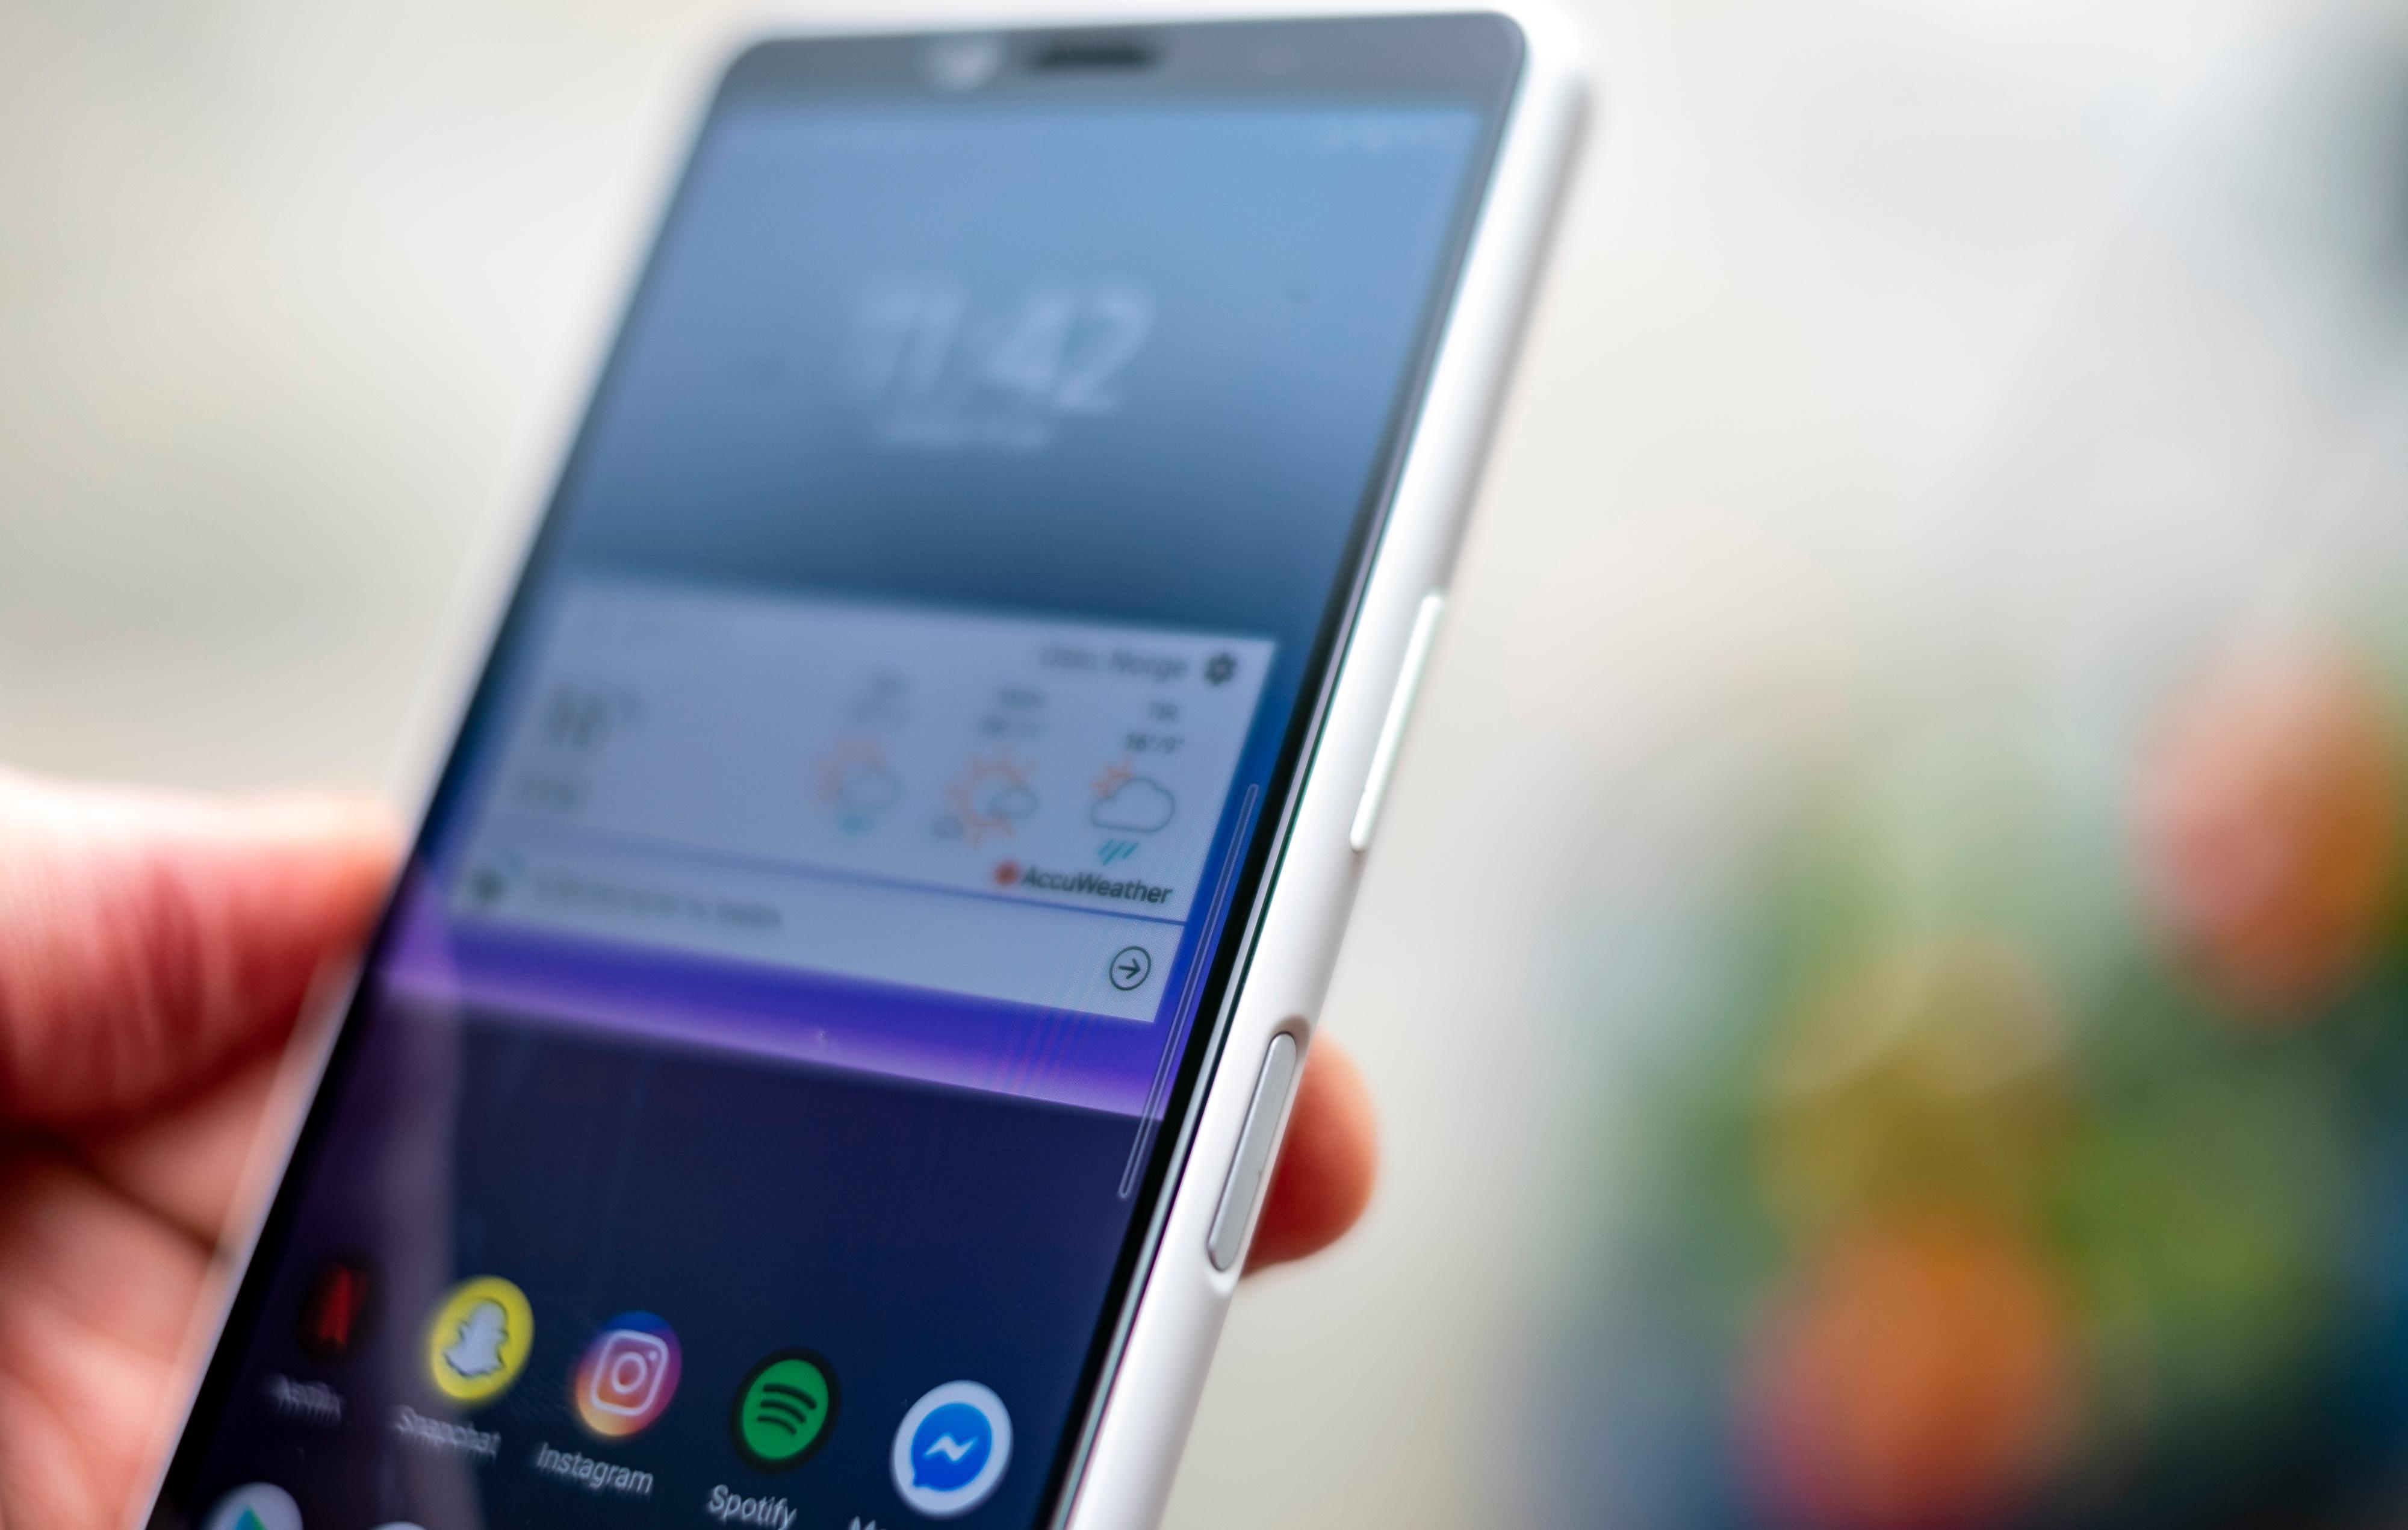 En frustrerende fingerleser er frustrerende enten den bor i en telefon som koster 4.000, som denne, eller i storebror Xperia 1 II som koster 12 høvdinger. Men til en langt mer fornuftig pris har vi også mer tålmodighet med irritasjonsmomentene.